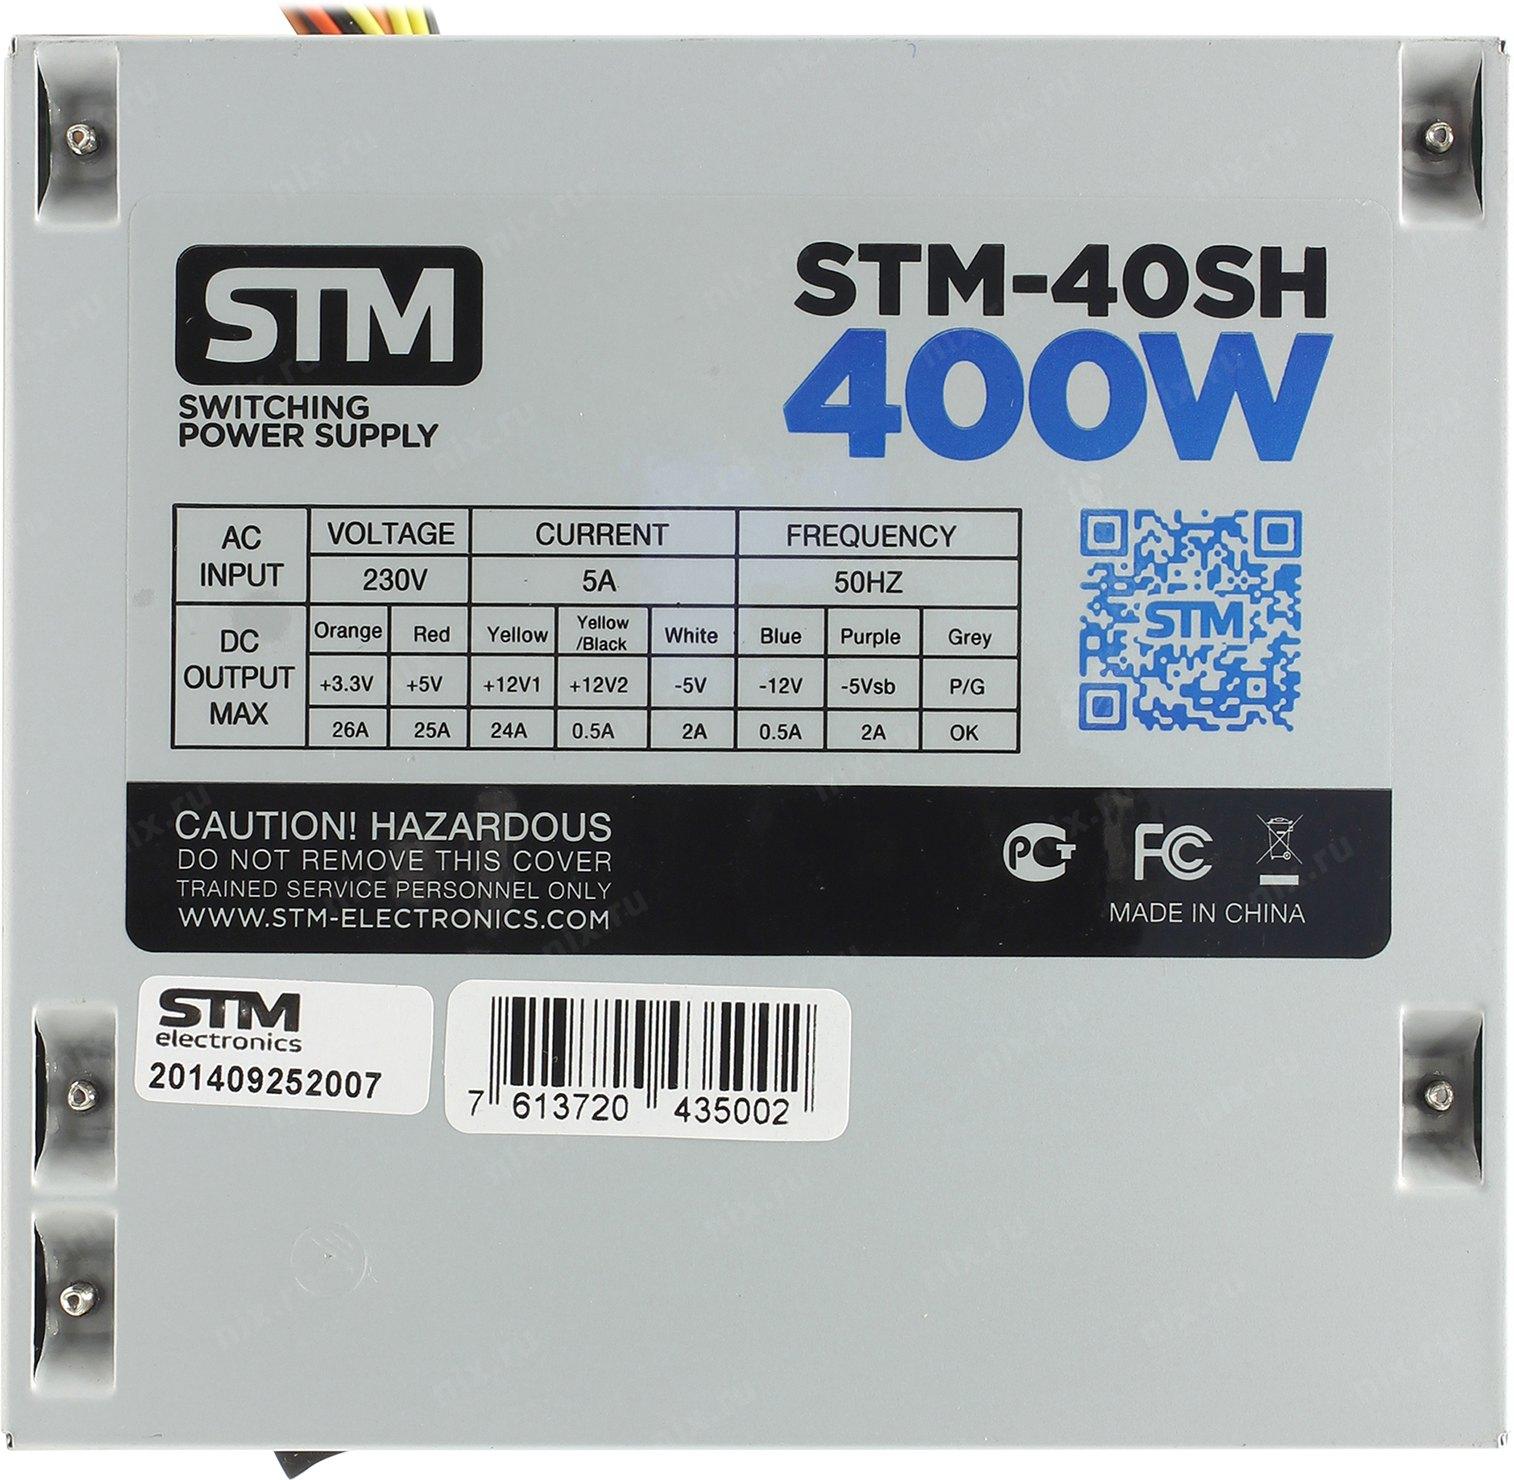 STM STM-40SH 400W